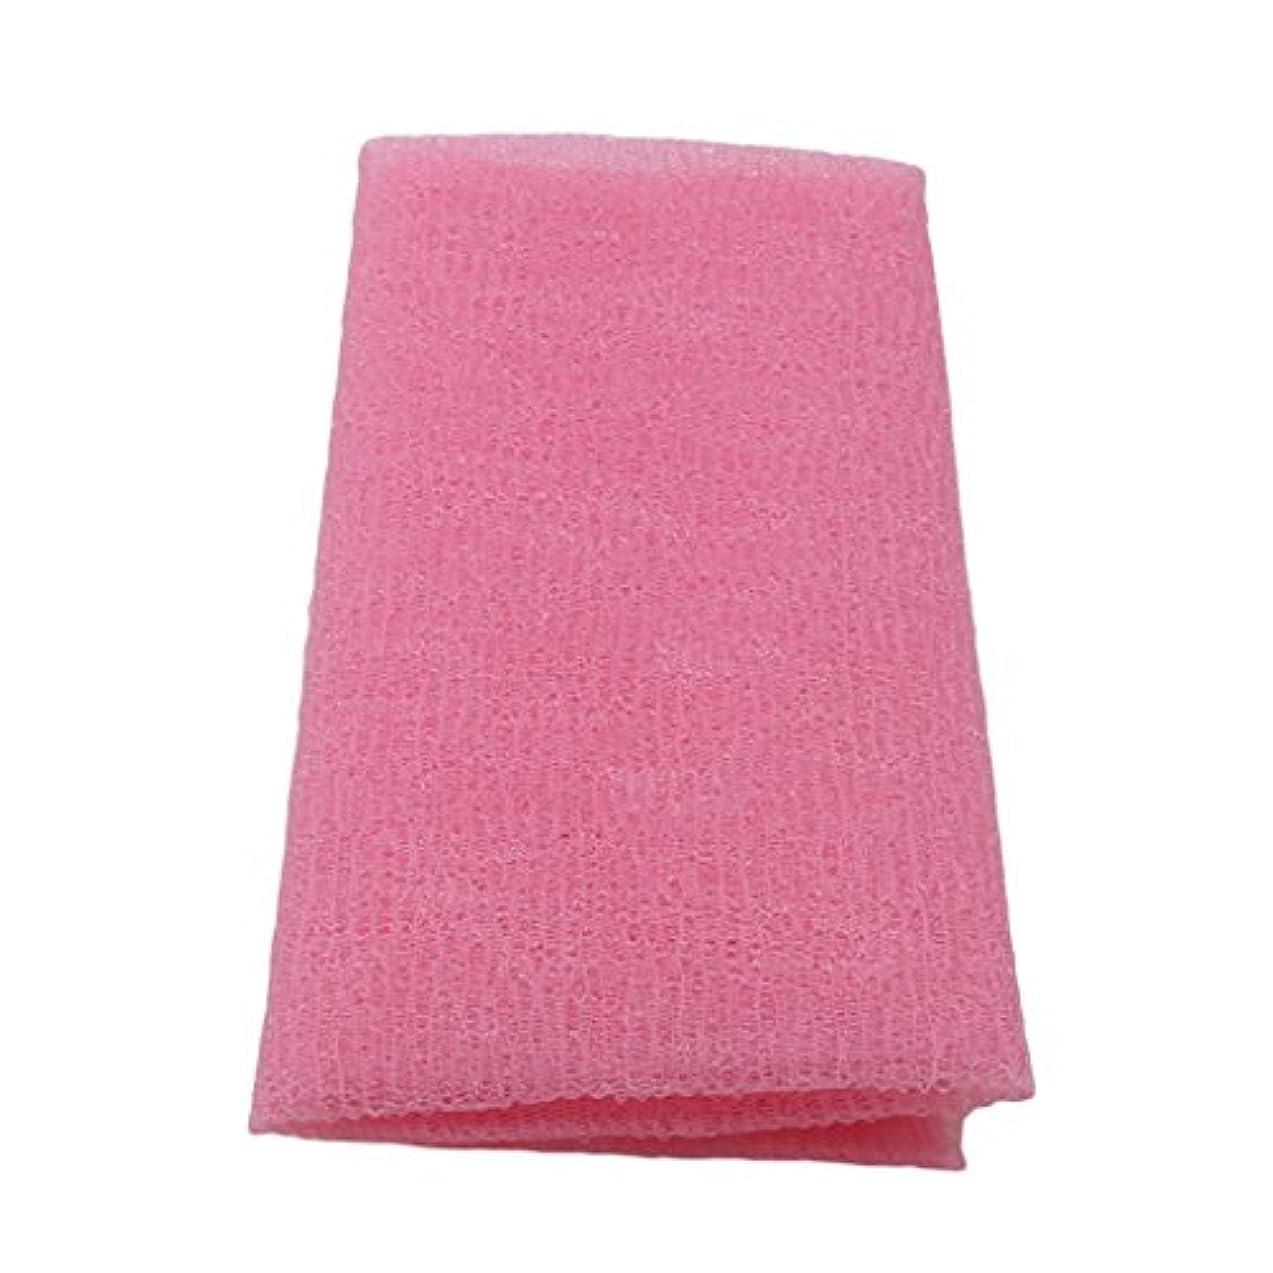 怠惰ベンチ折るMARUIKAO ボディタオル 泡しゃり ナイロン ロング 固め ピンク